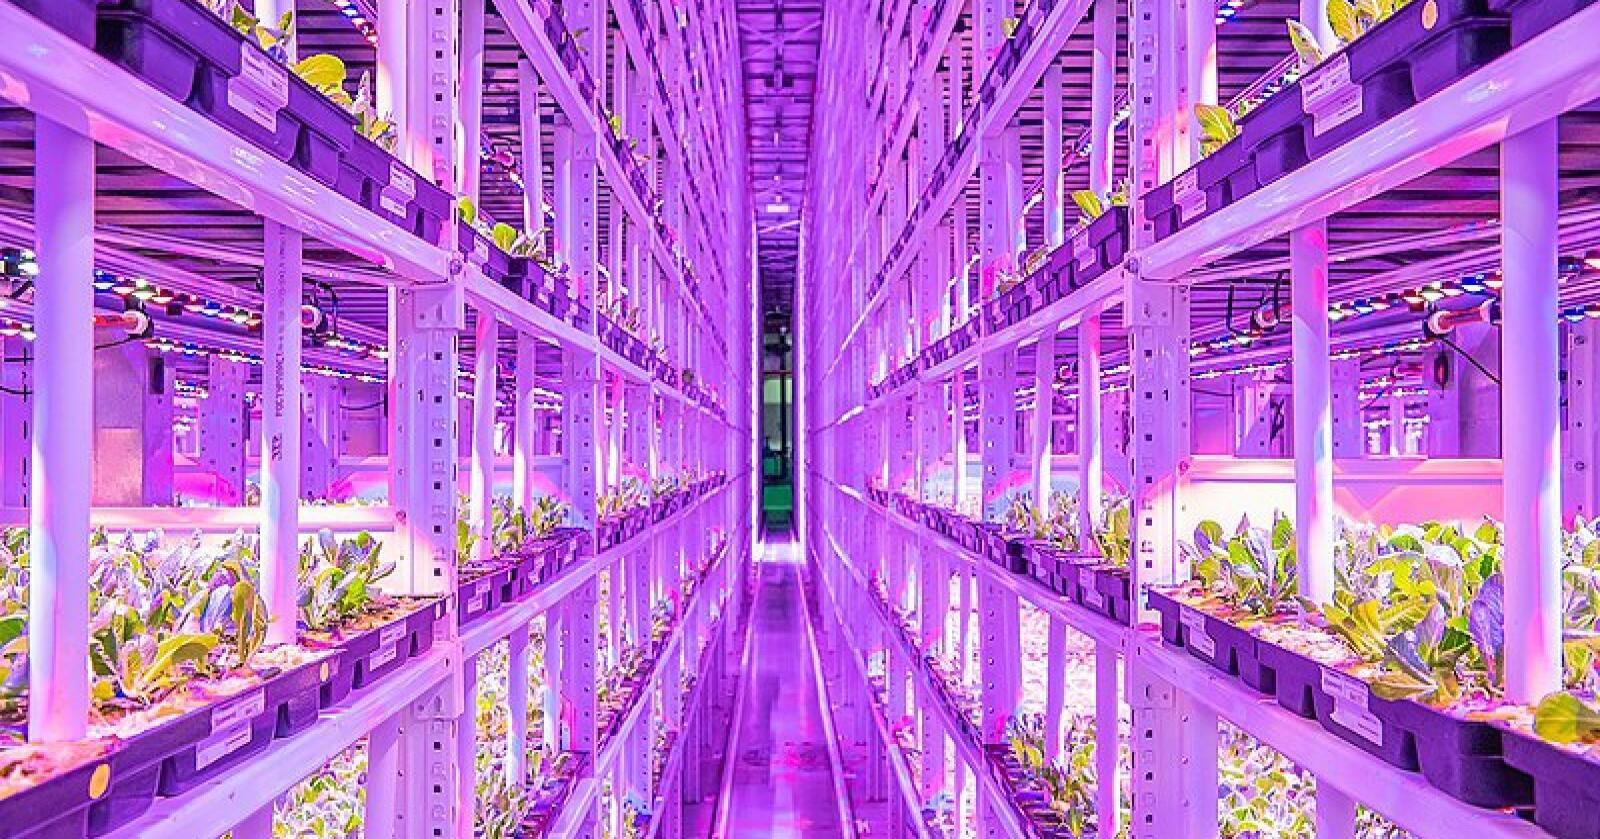 Vertikalt landbruk i Moskva der det dyrkes små grønne vekster.